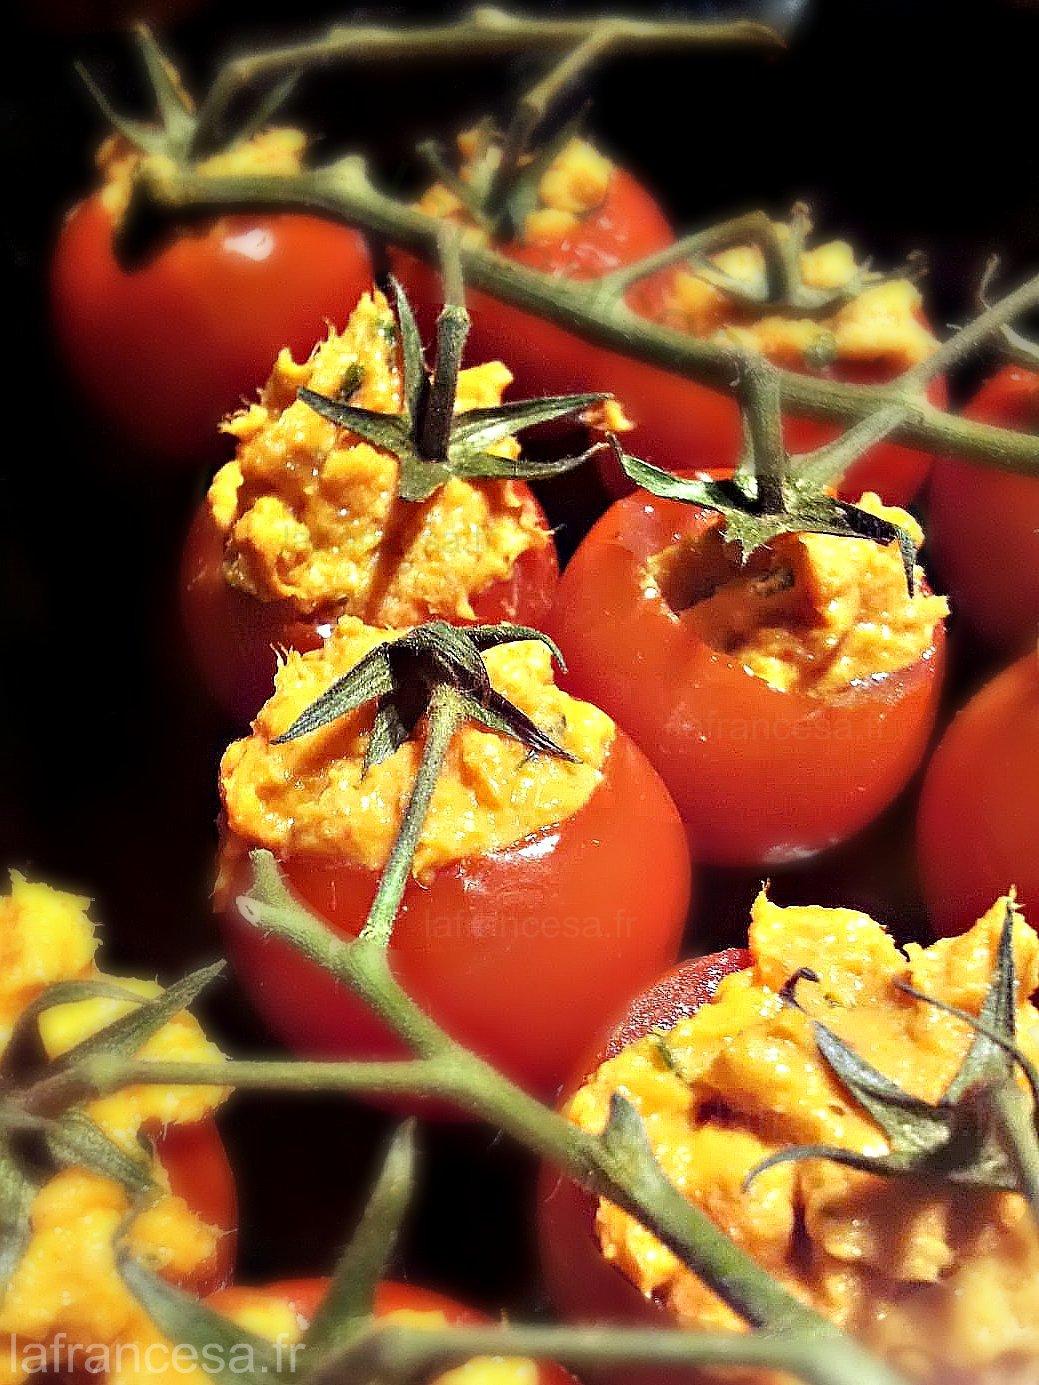 Tapa de tomates cerises thon et piquillo la recette Tapas francesas